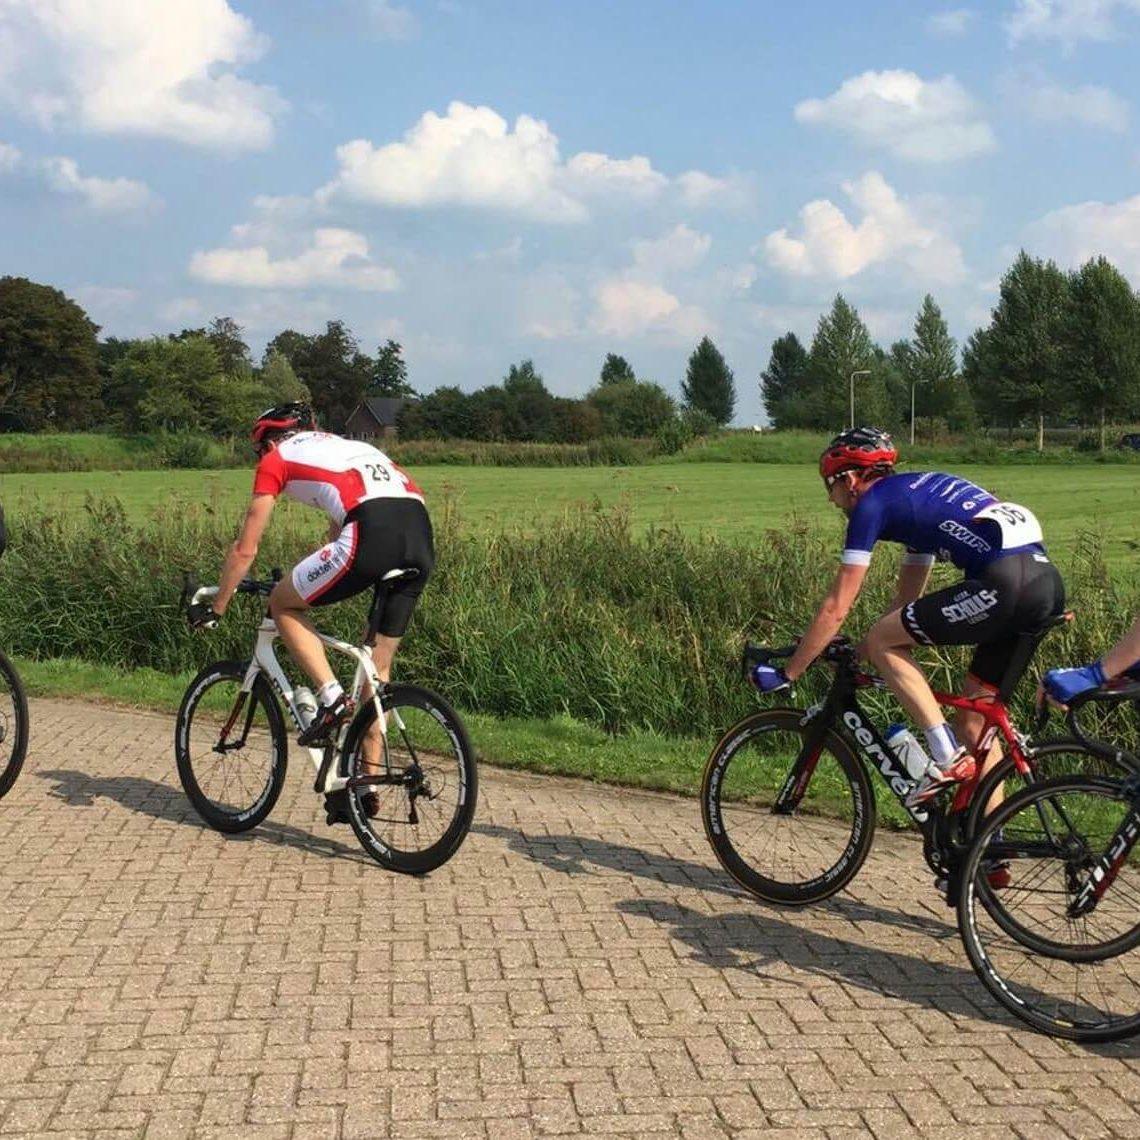 Lester Ronde van Beverwijk